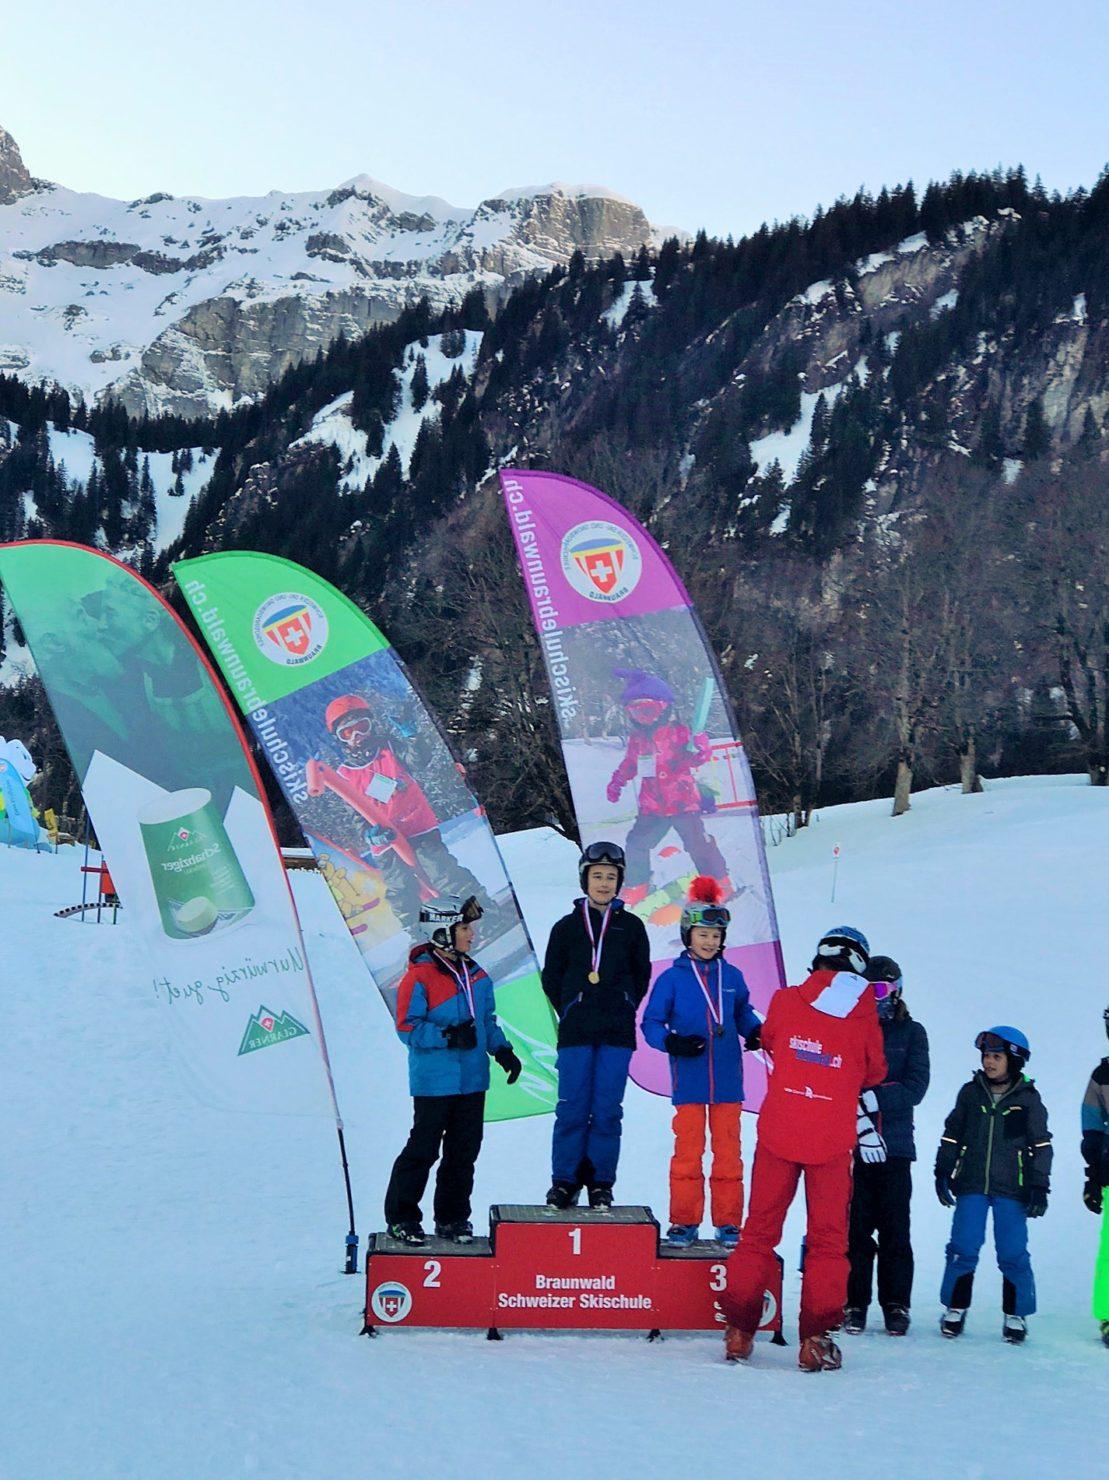 Familien Skiferien Braunwald Skischule